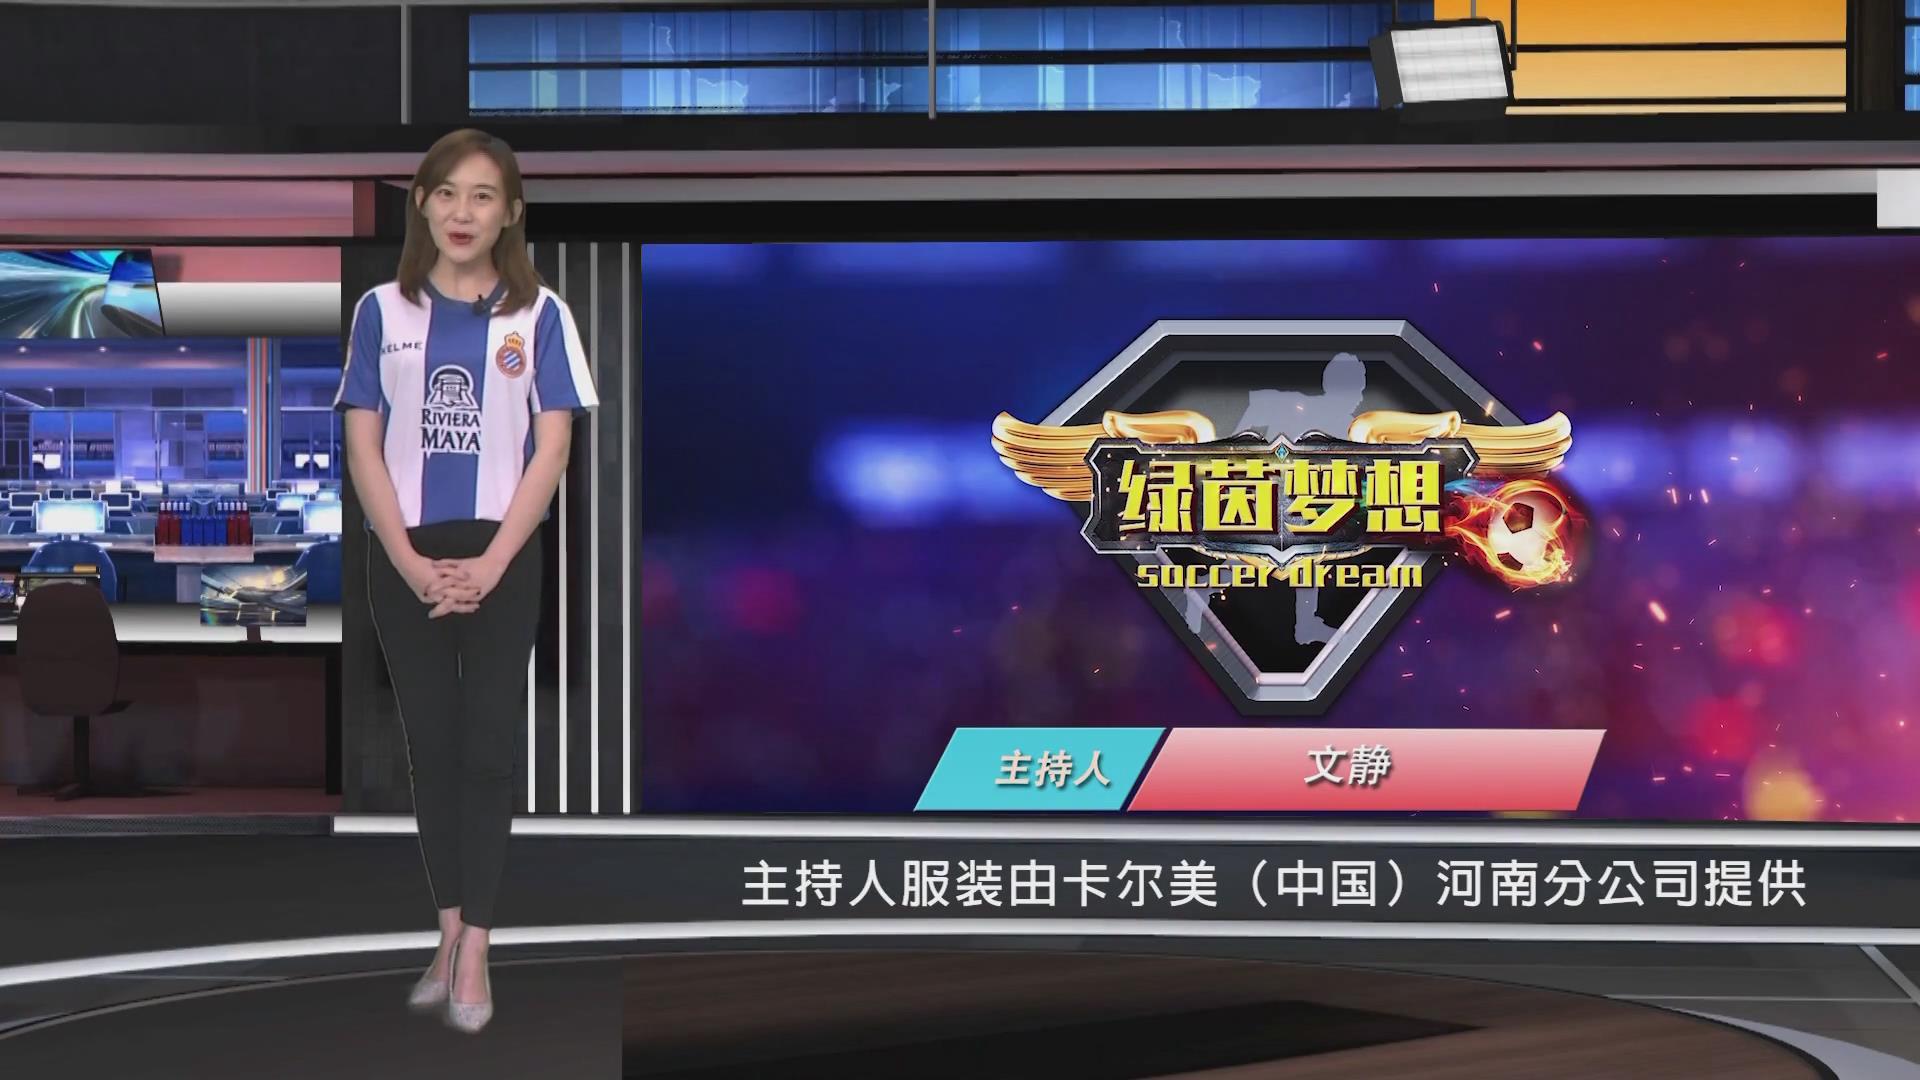 绿茵梦想-郑州市第二十六中学